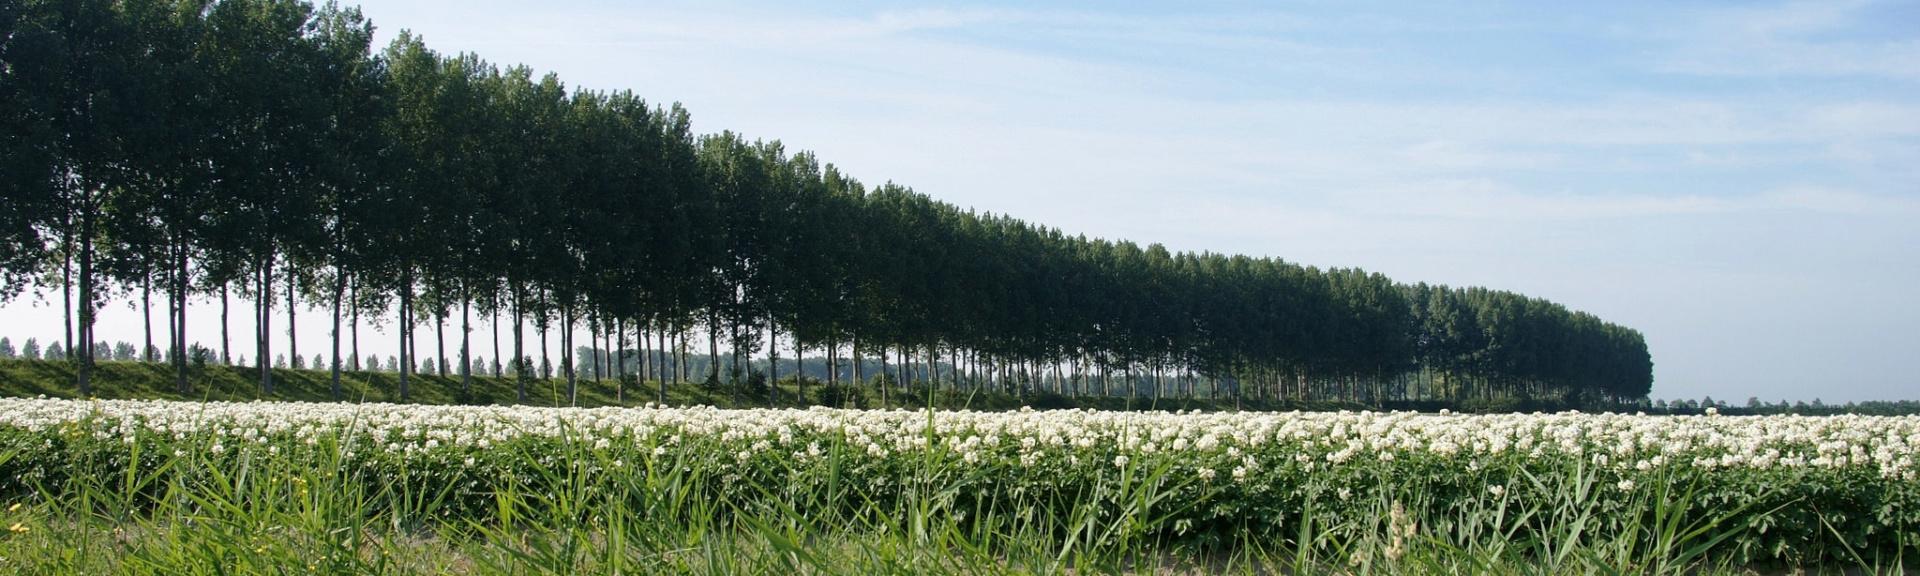 Graauw polder, kreken en dijken